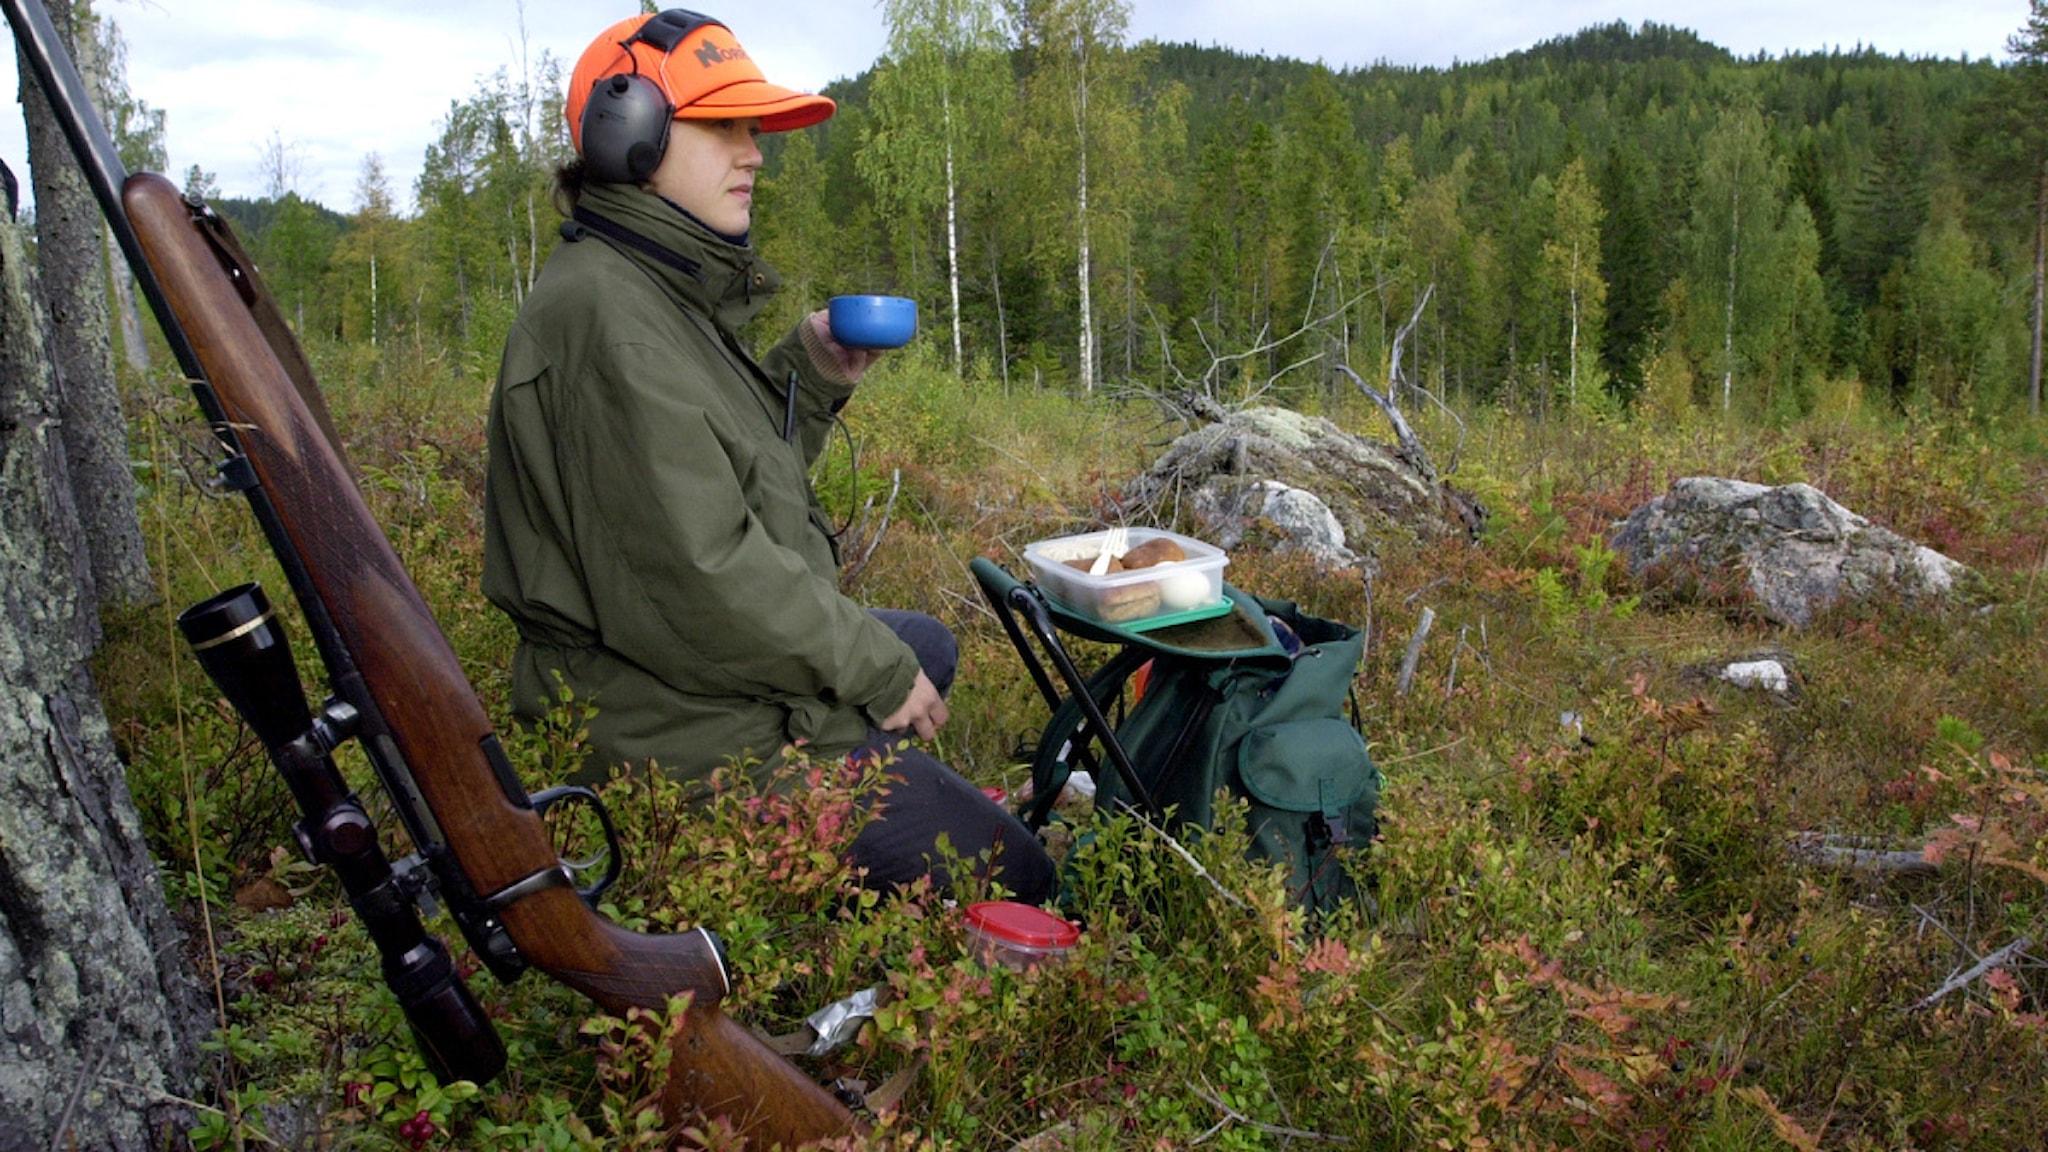 Hur går viltvård och älgjakt ihop? Foto: Gunnar Lundmark SvD (code 30102)